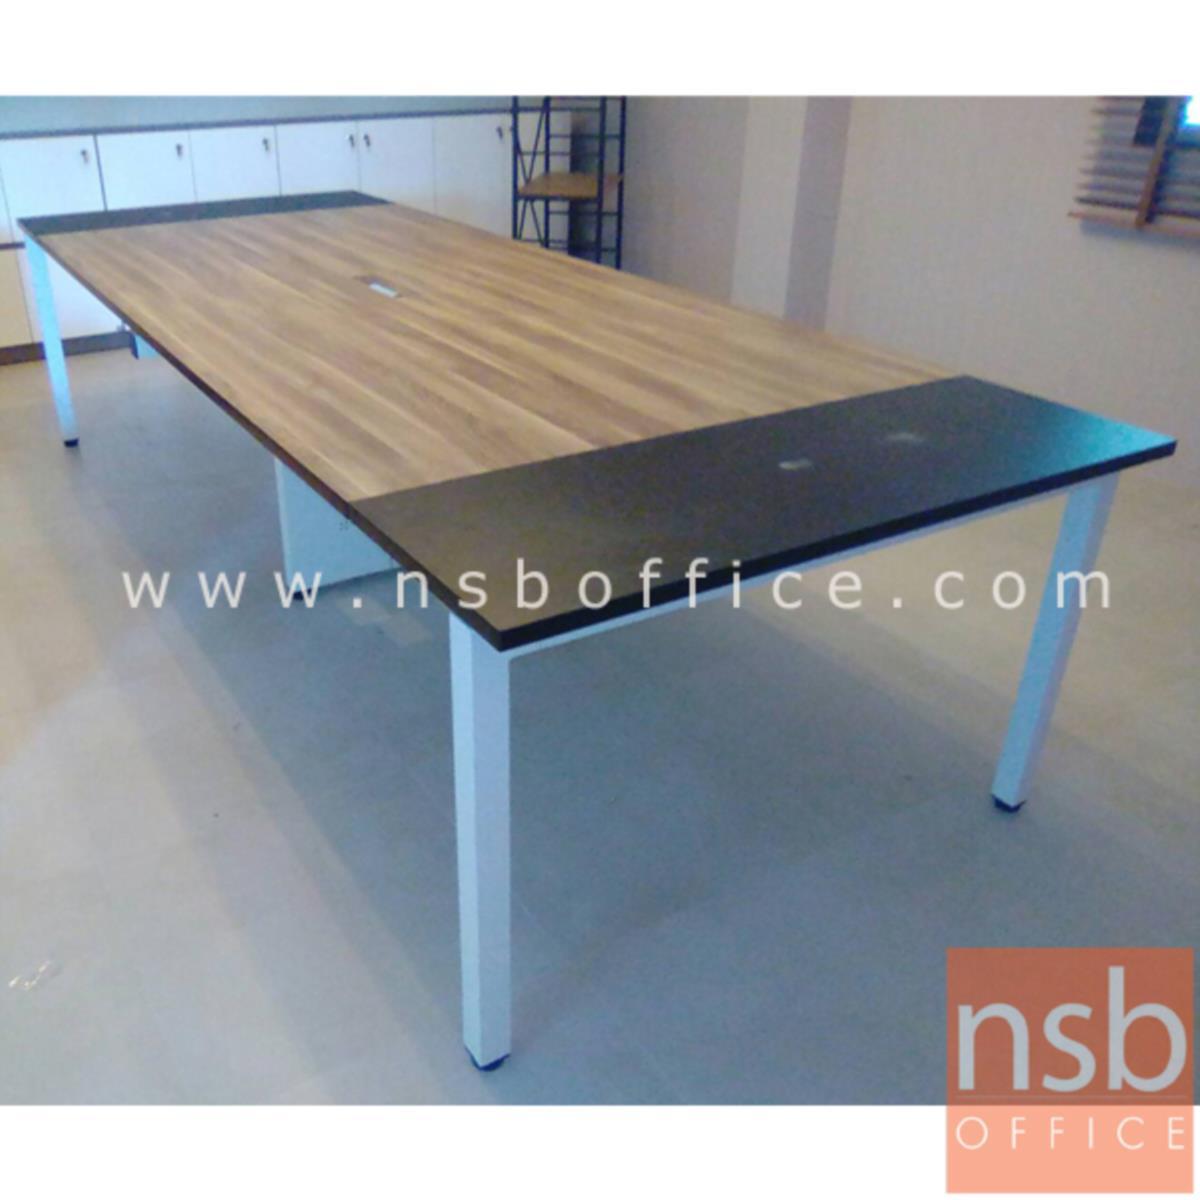 โต๊ะประชุมทรงสี่เหลี่ยม 180D cm. รุ่น CONNEXX-081  ขนาด 280W ,320W ,440W ,520W ,620W cm. ขากลางมีกล่องร้อยสายไฟ